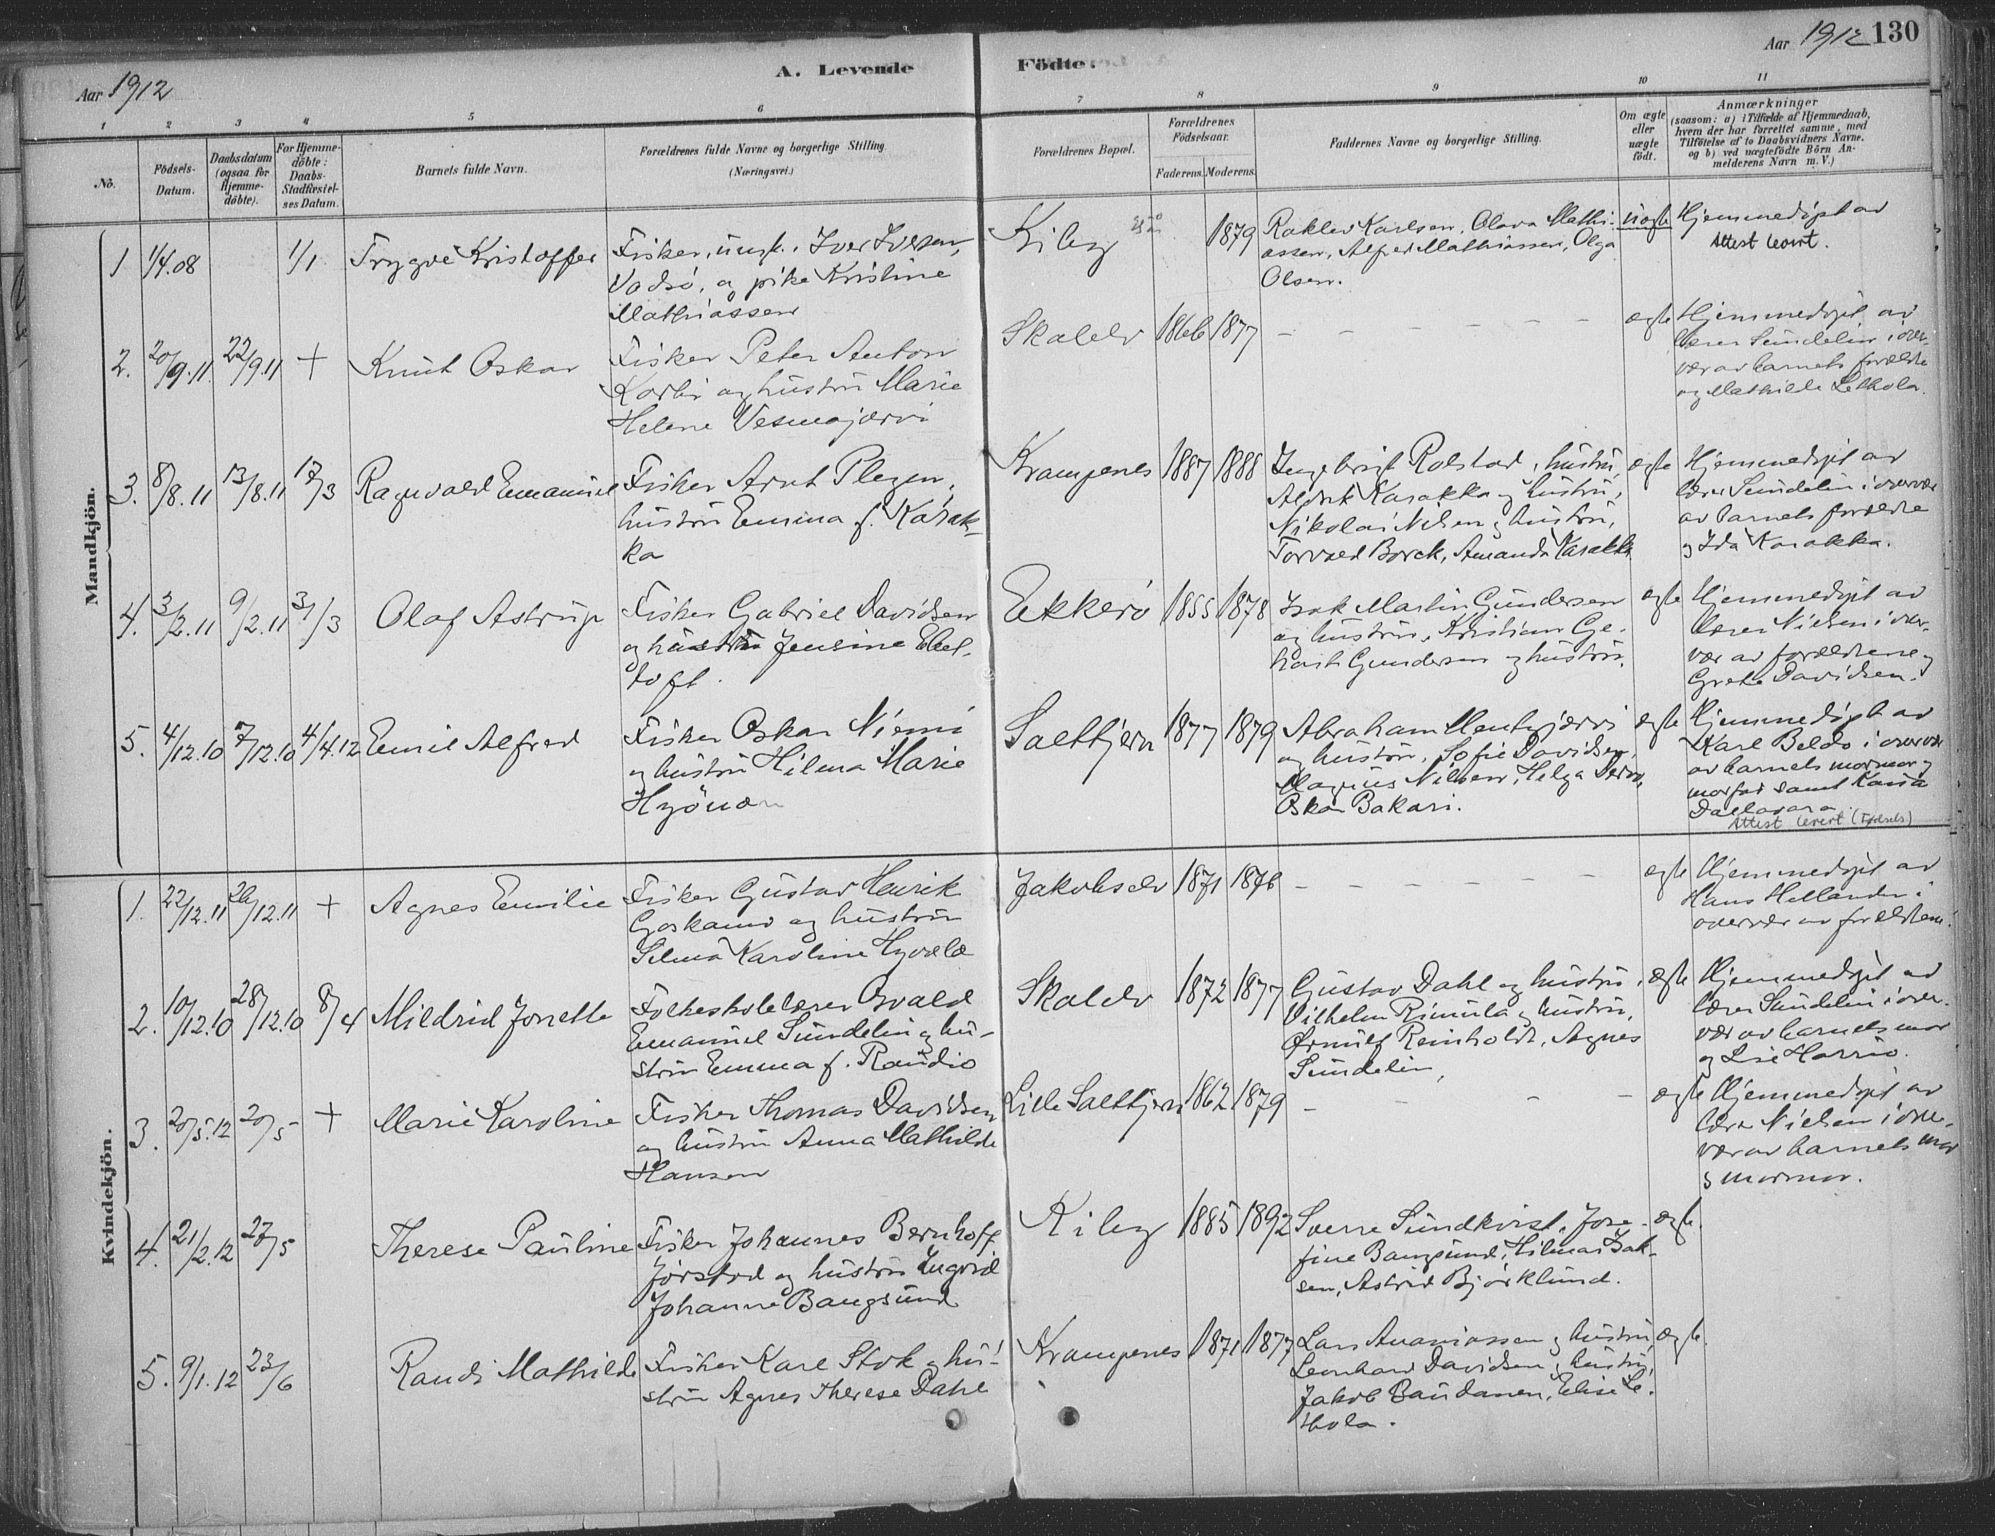 SATØ, Vadsø sokneprestkontor, H/Ha/L0009kirke: Ministerialbok nr. 9, 1881-1917, s. 130